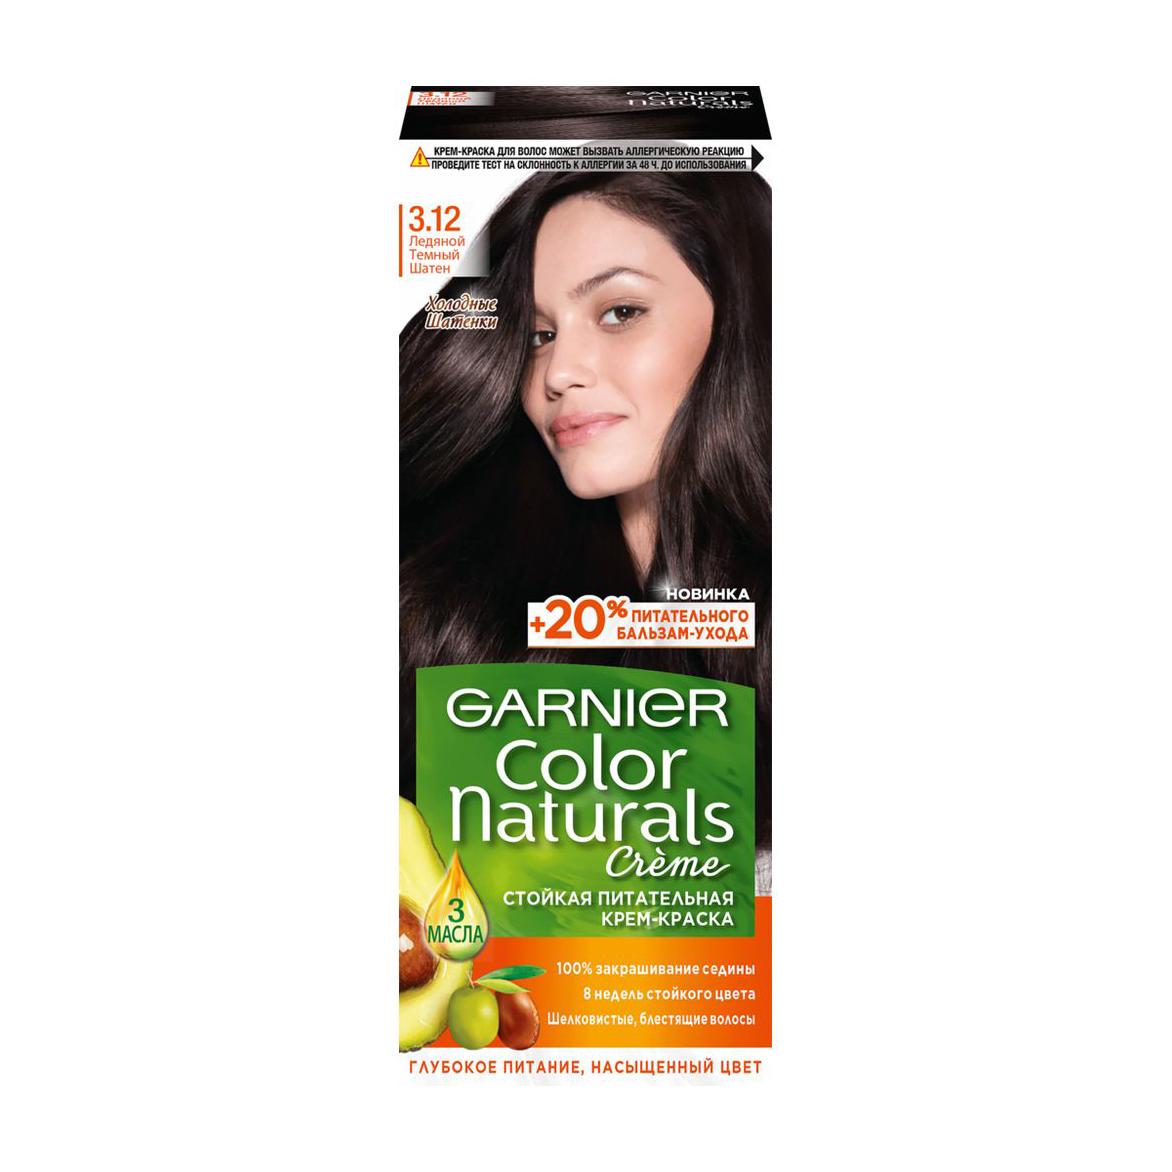 Стойкая крем-краска Garnier Color Naturals с 3 маслами 3.12 Ледяной Темный Шатен (C6411500) недорого